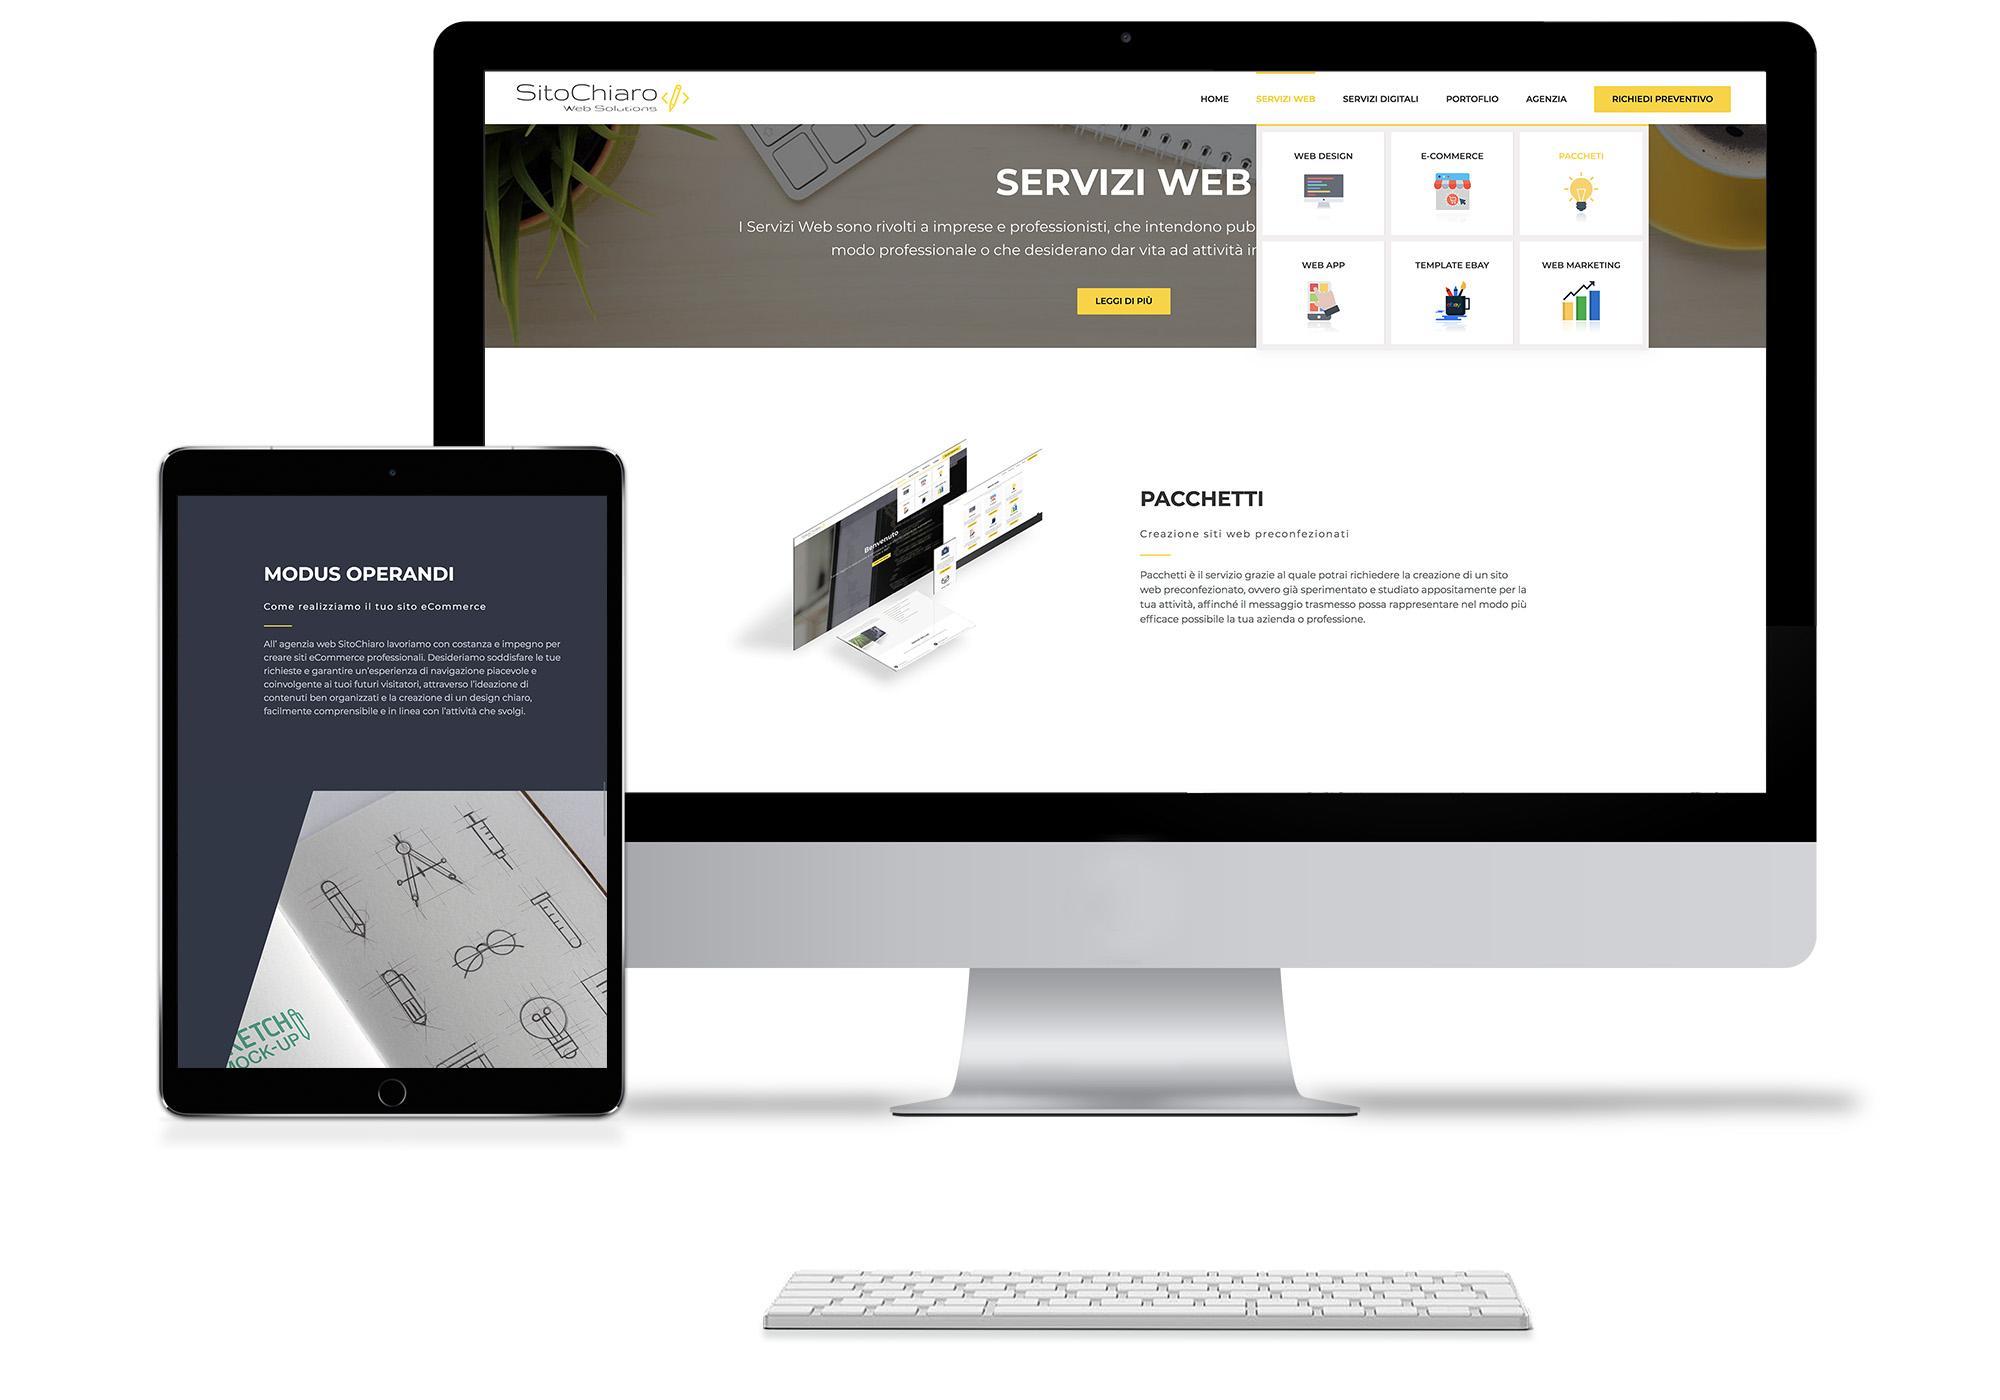 Creazione Siti Web preconfigurati Pozzuoli